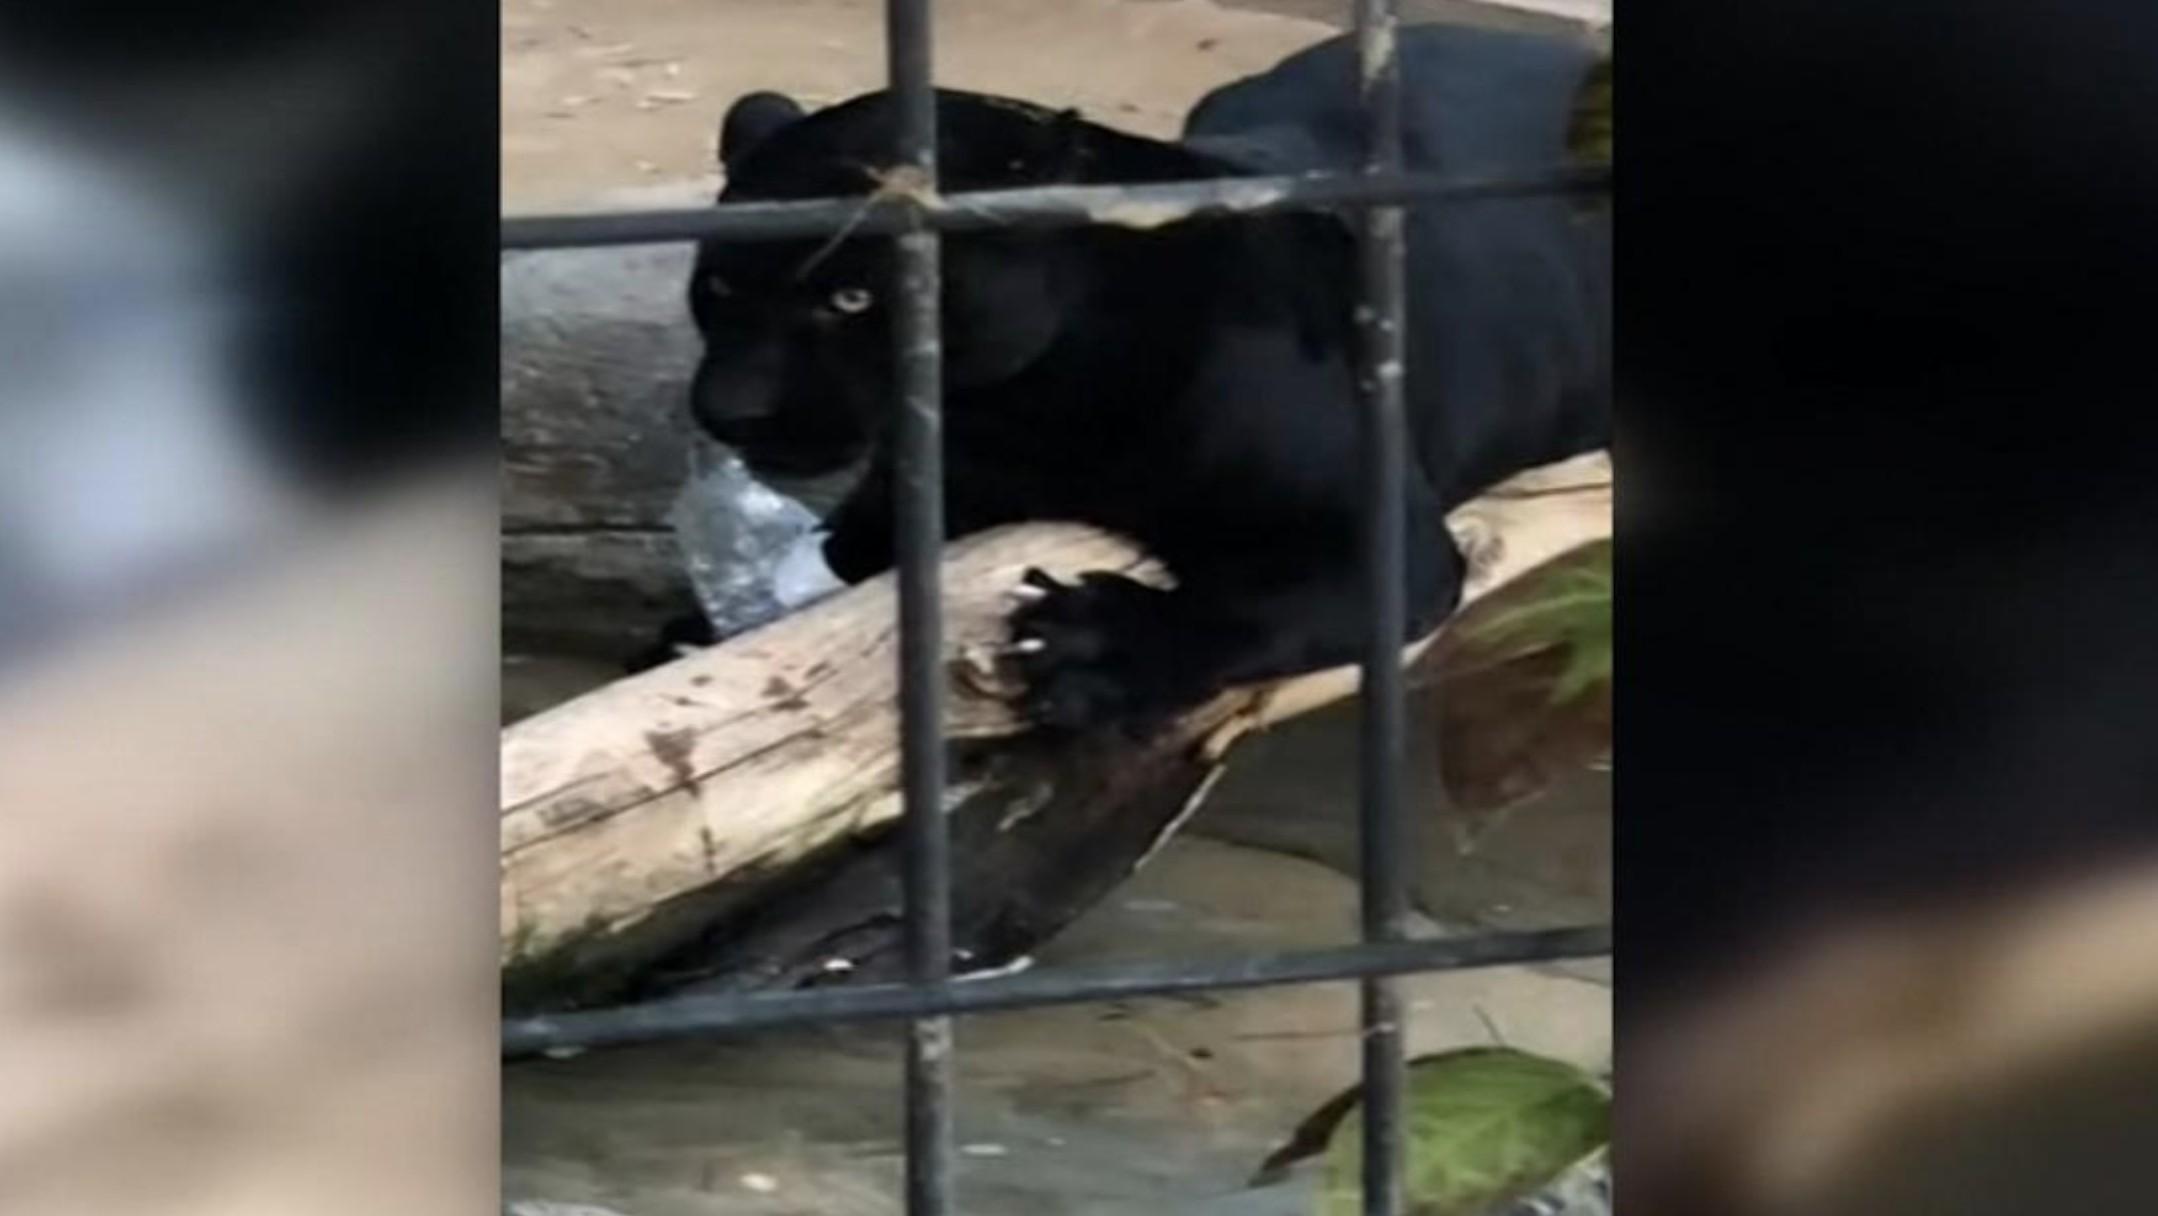 Após incidente, jaguar foi retirado da exposição do zoológico (Foto: Reprodução/ Twitter)